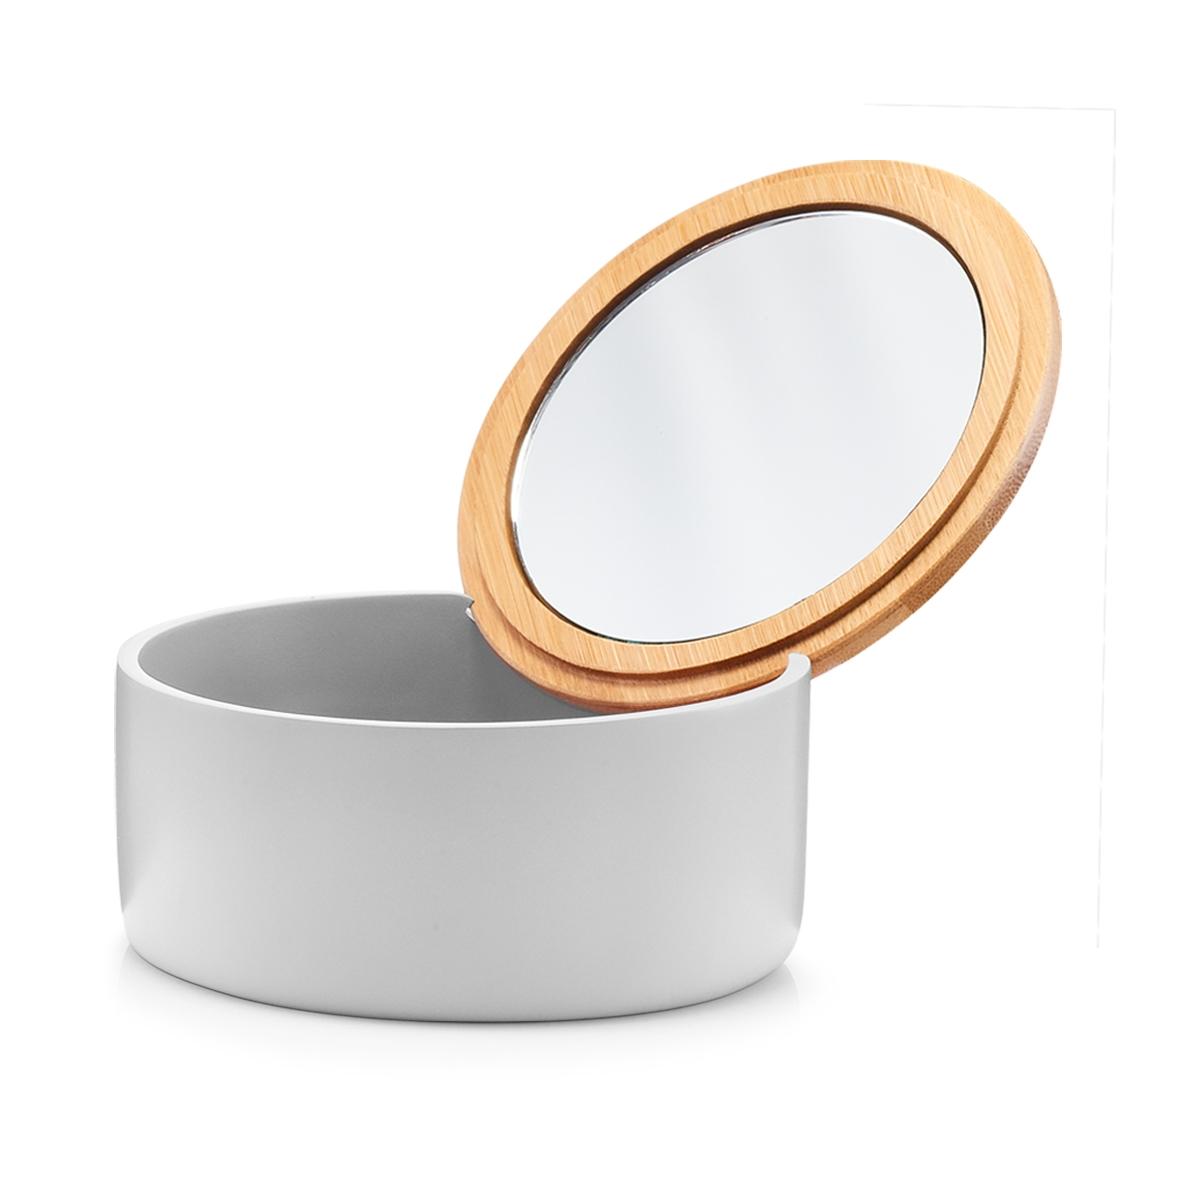 Cutie pentru cosmetice din polirasina, cu oglinda, Pastel Grey, Ø 13,3xH6,5 cm imagine